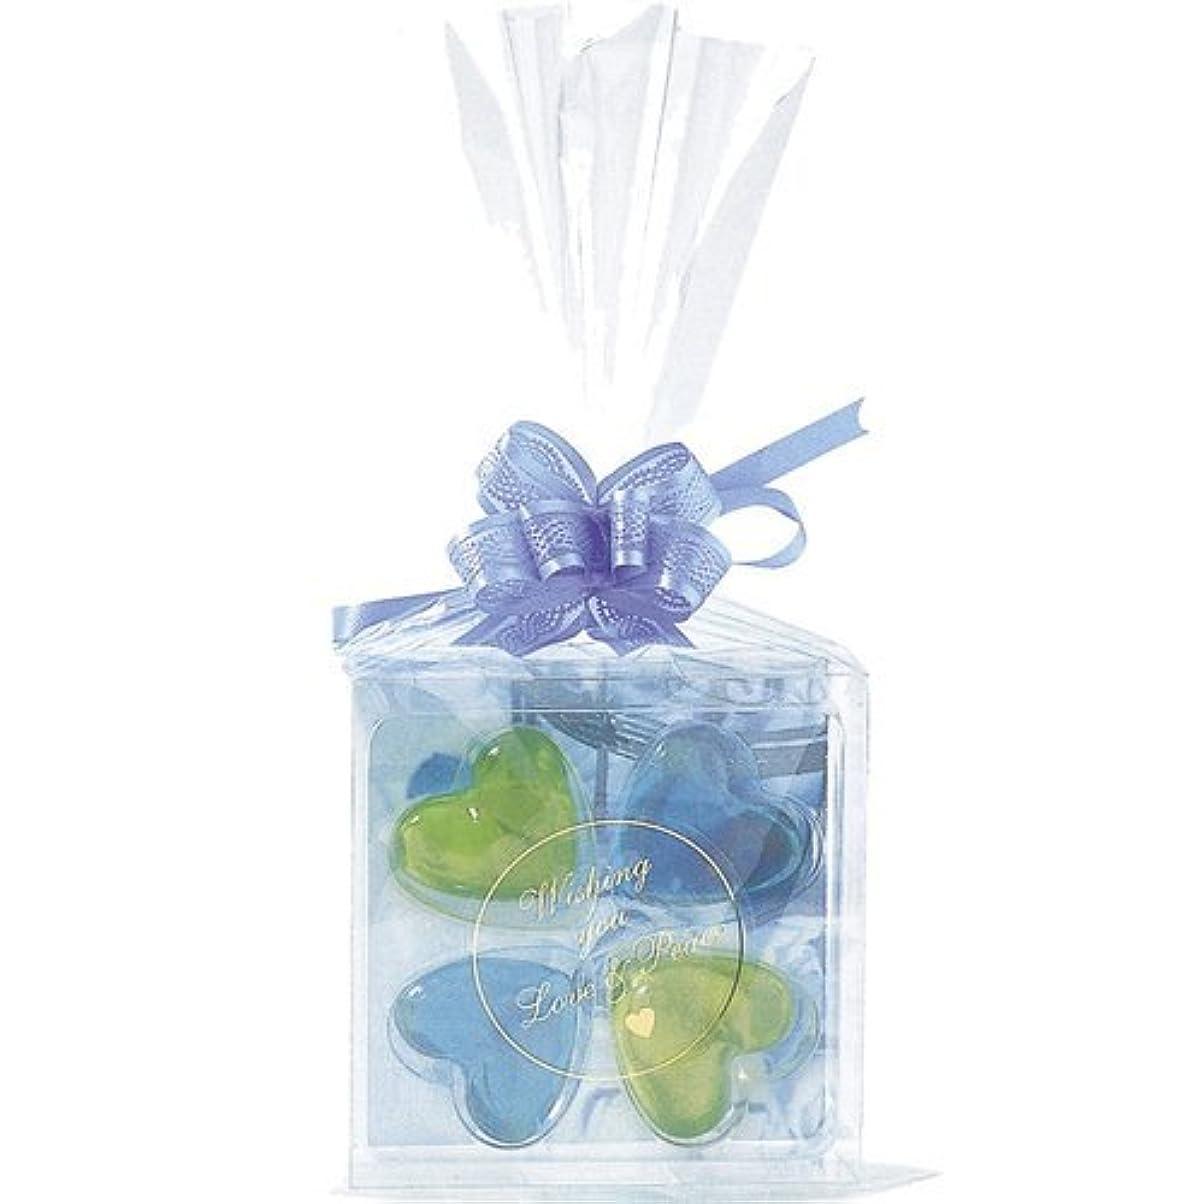 日付付き感嘆符大学ジーピークリエイツ フォーチューンクローバー ブルー 入浴料セット(グリーンアップル、ベリー)